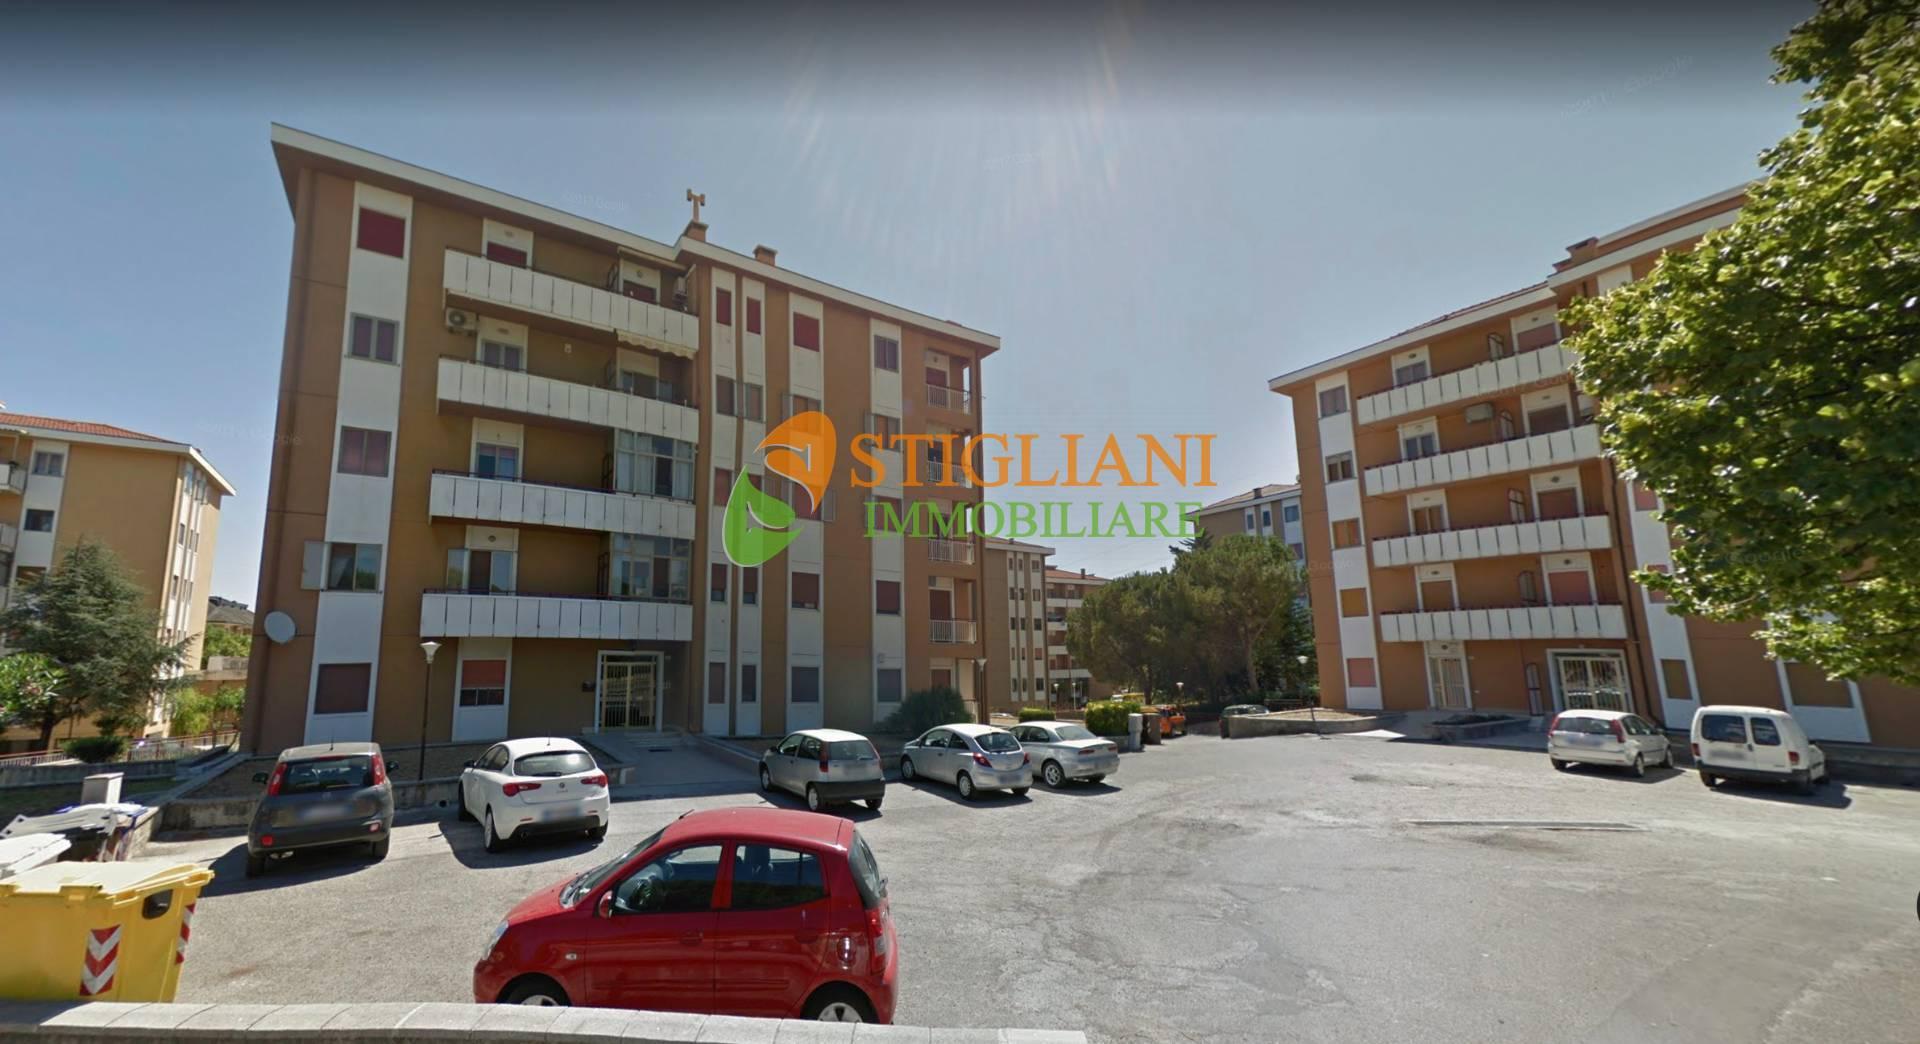 Appartamento in vendita a Termoli, 5 locali, zona Località: viaAmerica, prezzo € 133.000 | CambioCasa.it